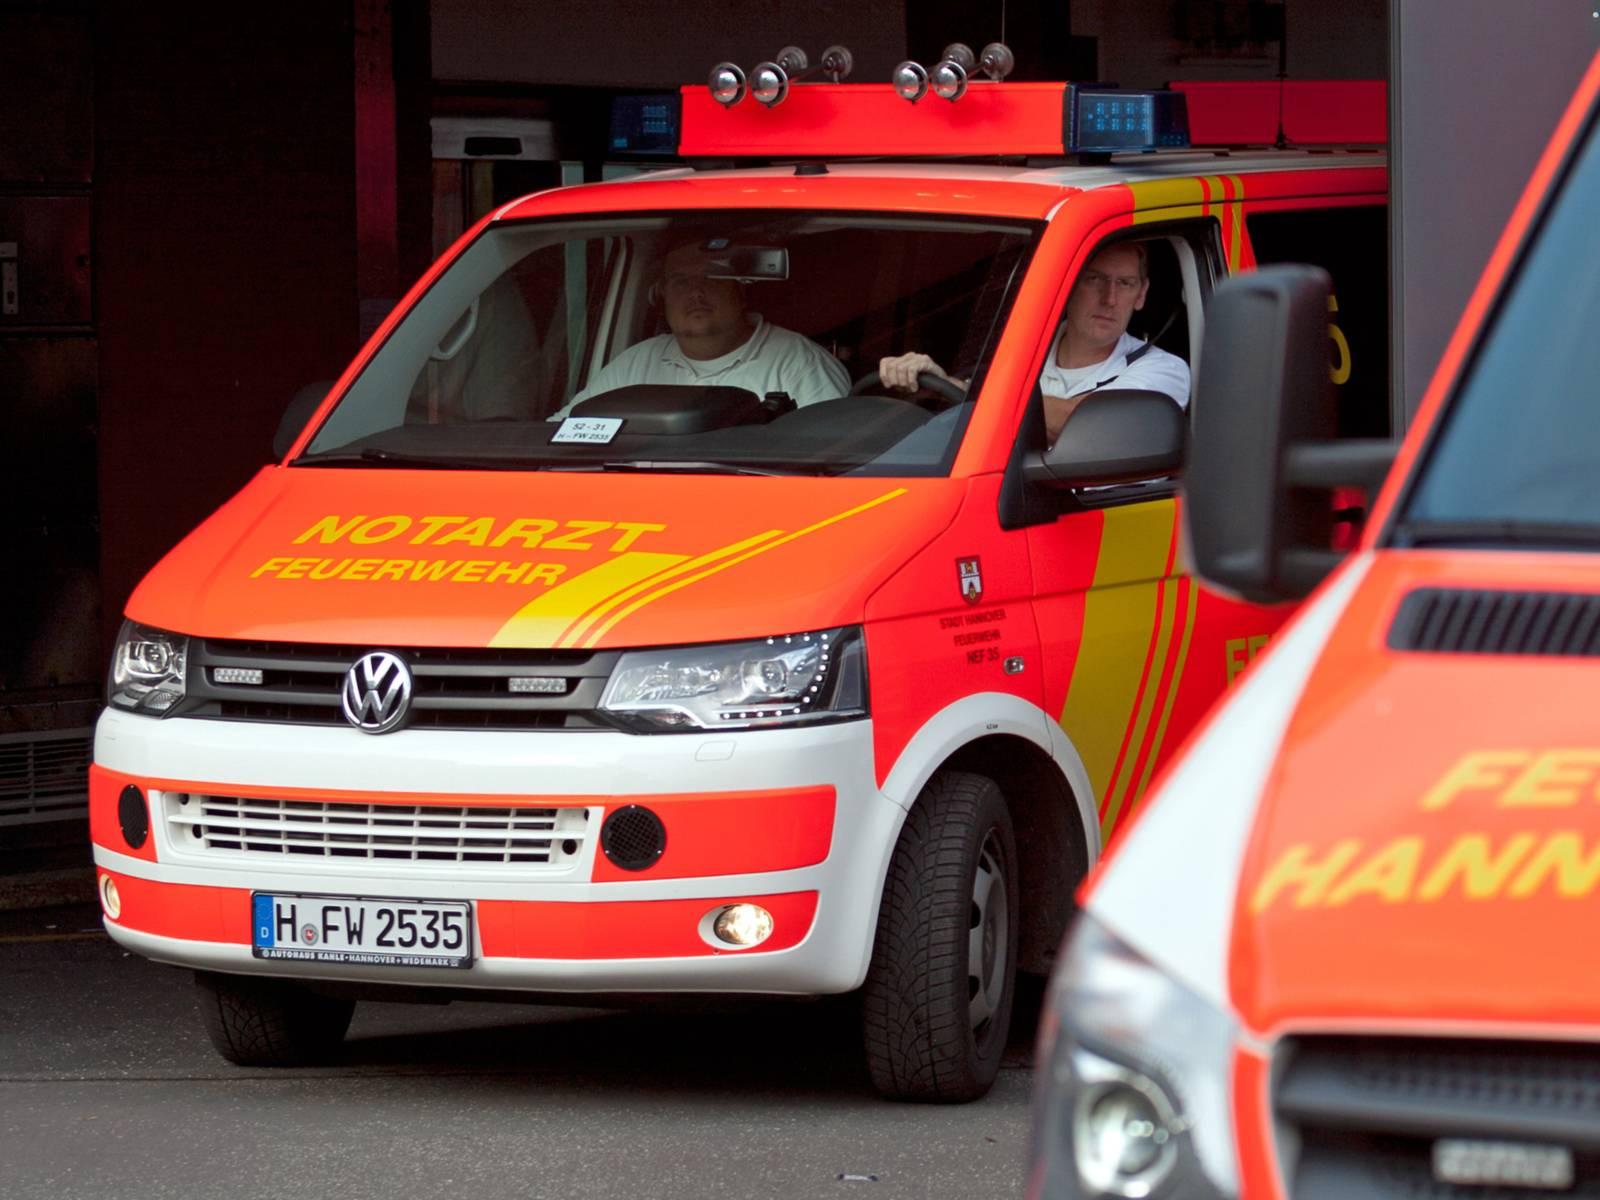 Symbolfoto: Notarzteinsatzfahrzeug rückt vom Stützpunkt ab (mit RTW)